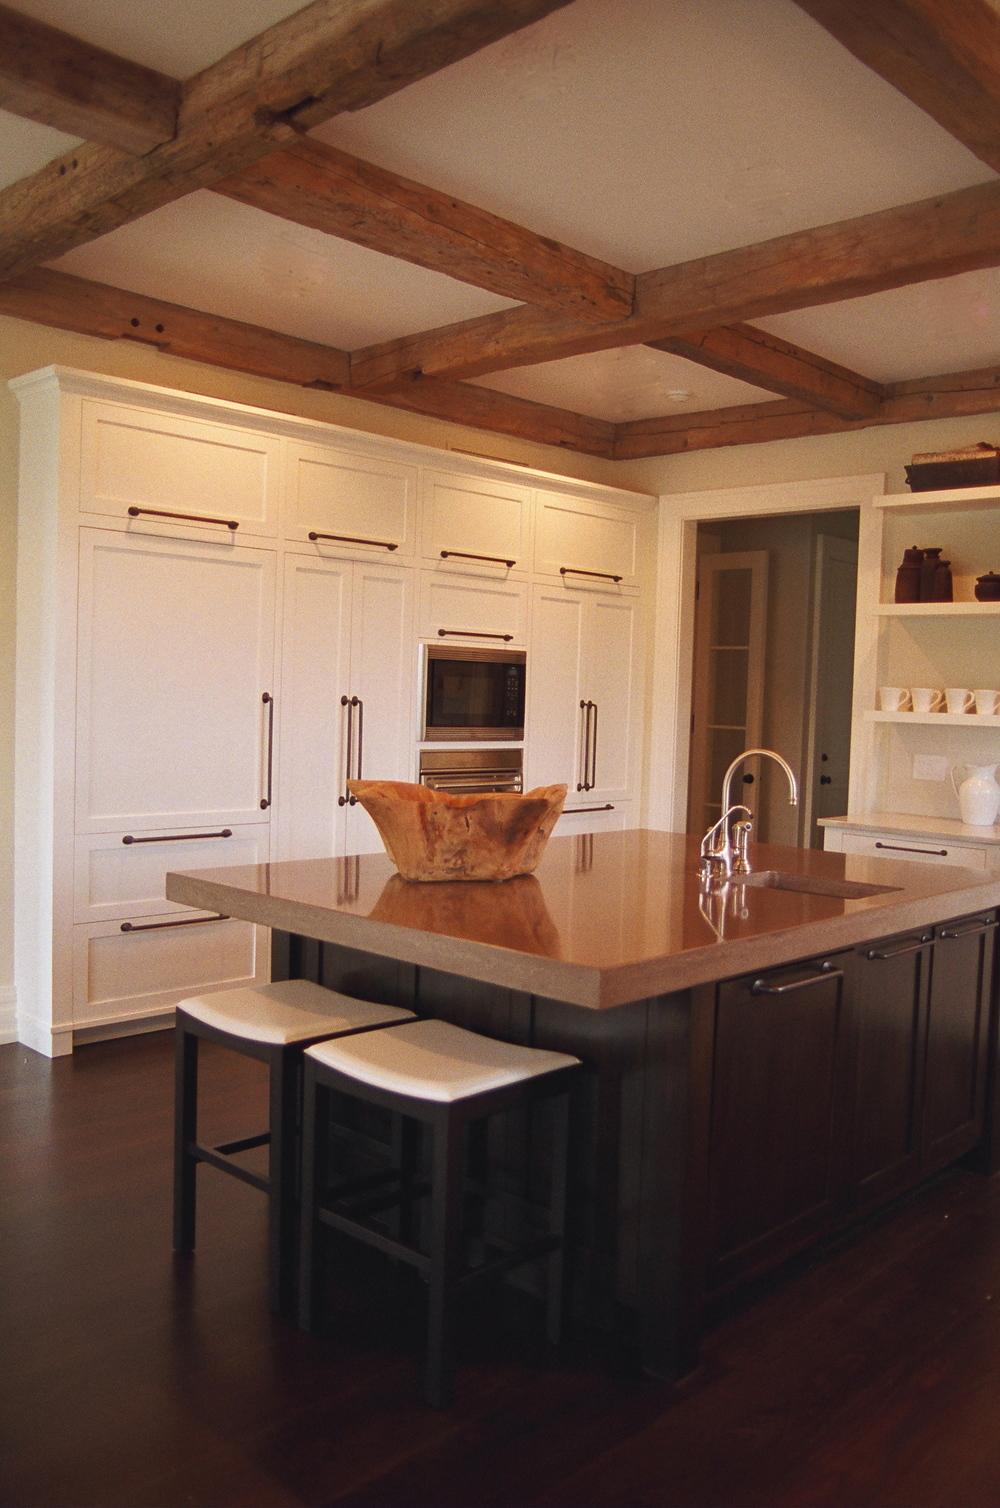 kitchen.2113.19.jpg